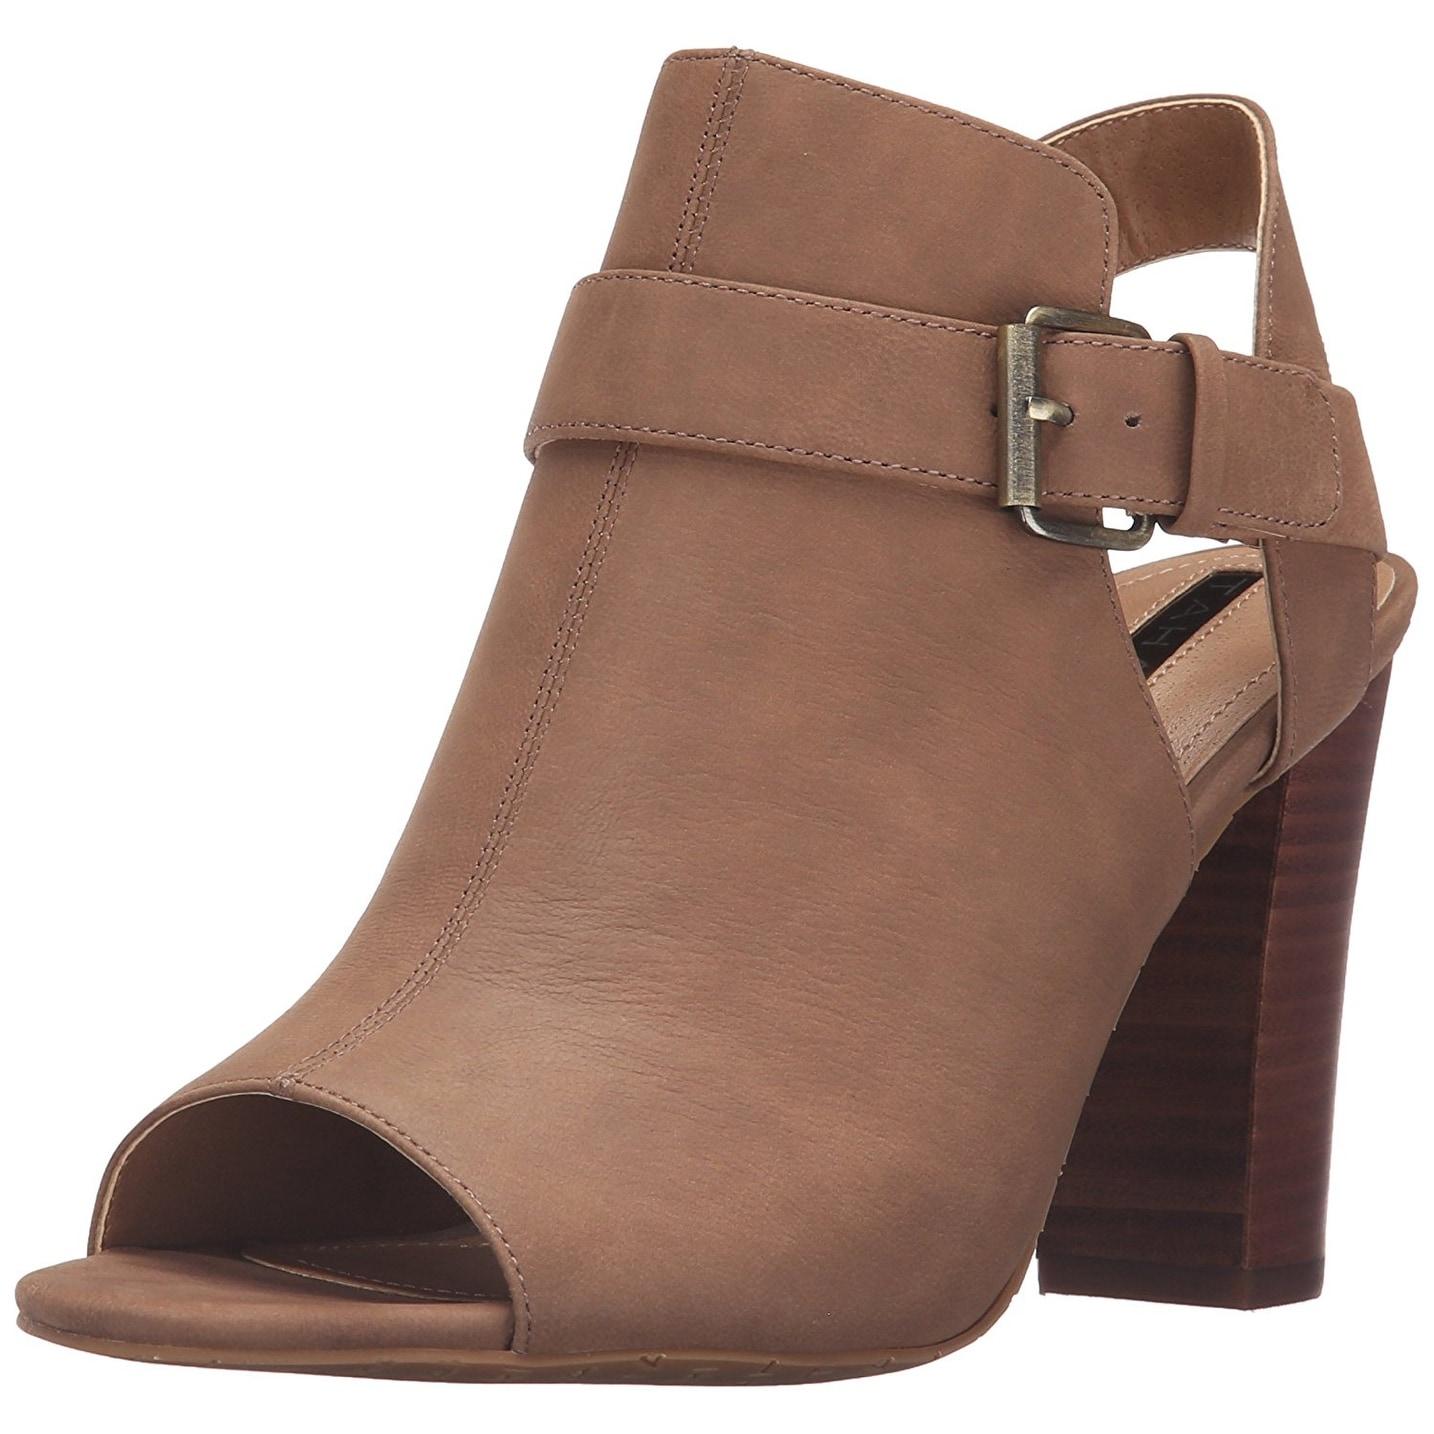 bd23b8c1f1 Buy Tahari Women's Sandals Online at Overstock   Our Best Women's Shoes  Deals